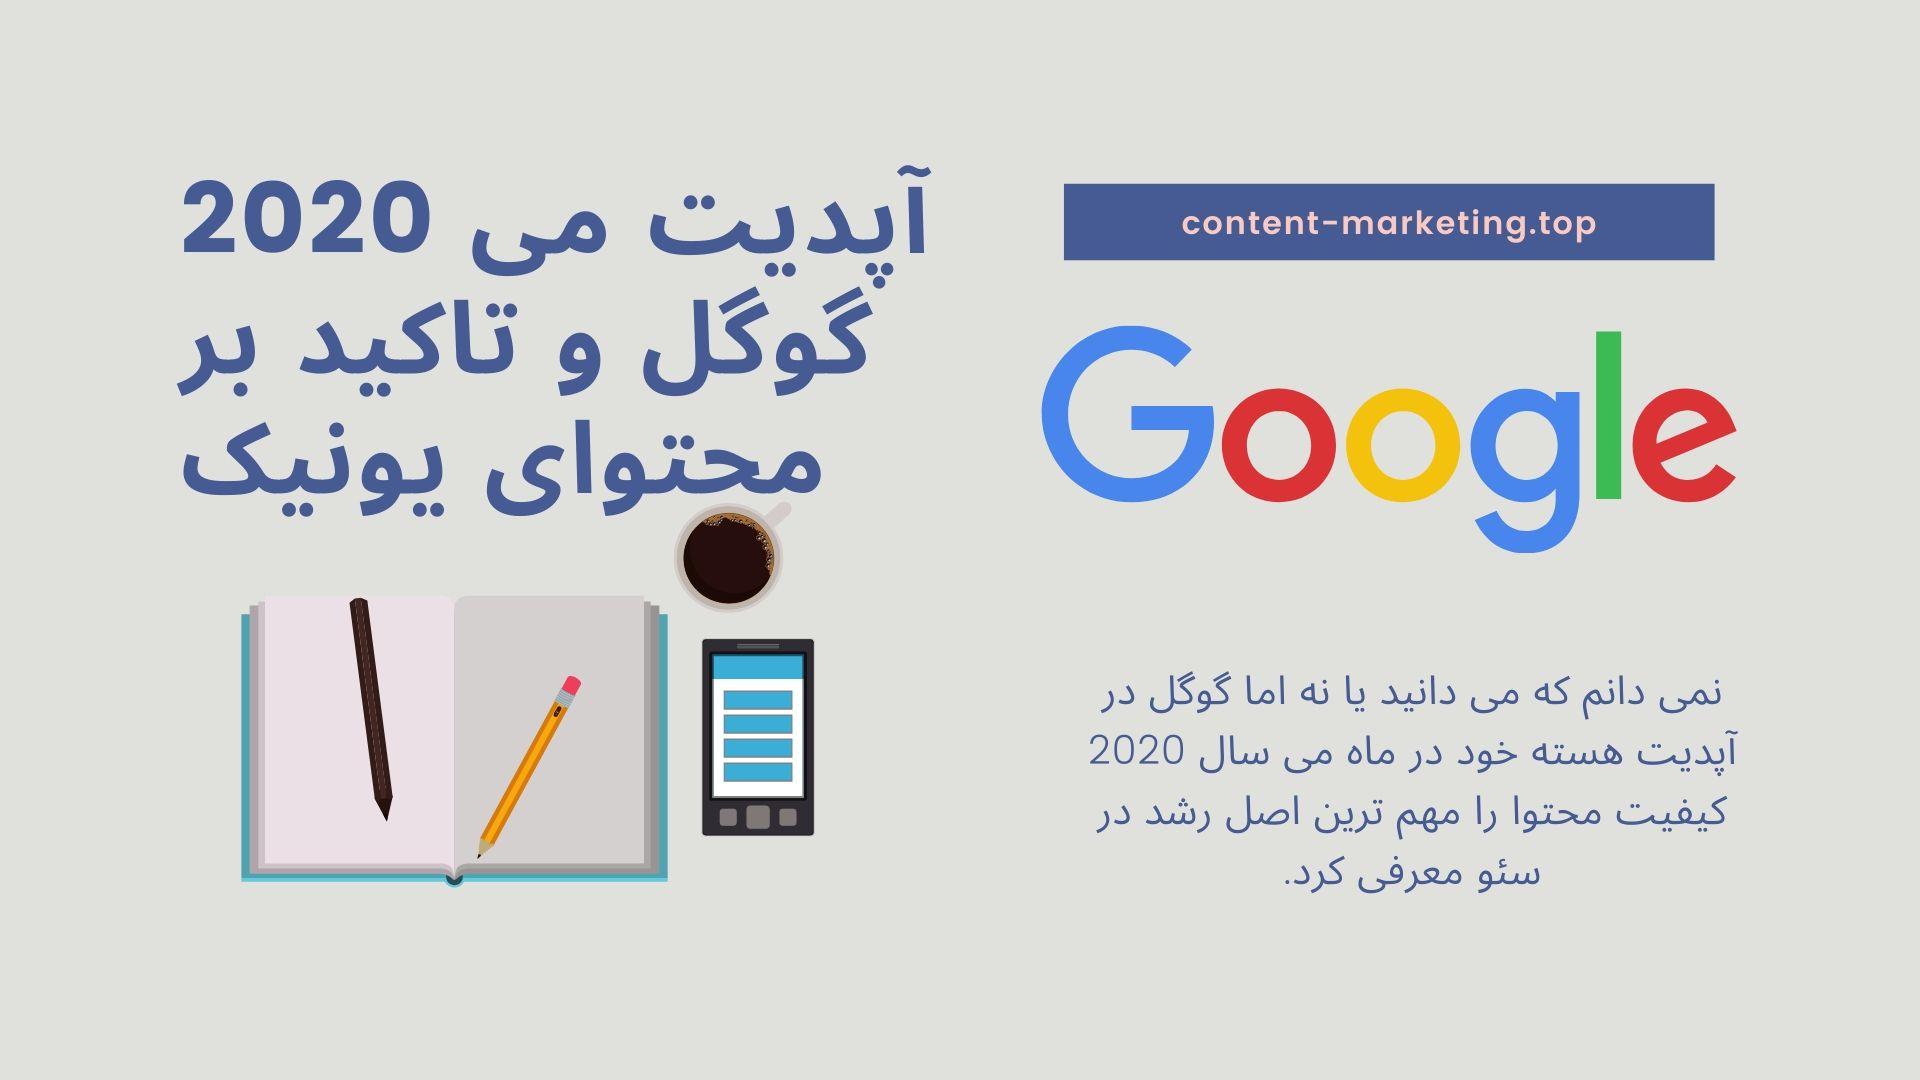 آپدیت می 2020 گوگل و تاکید بر محتوای یونیک